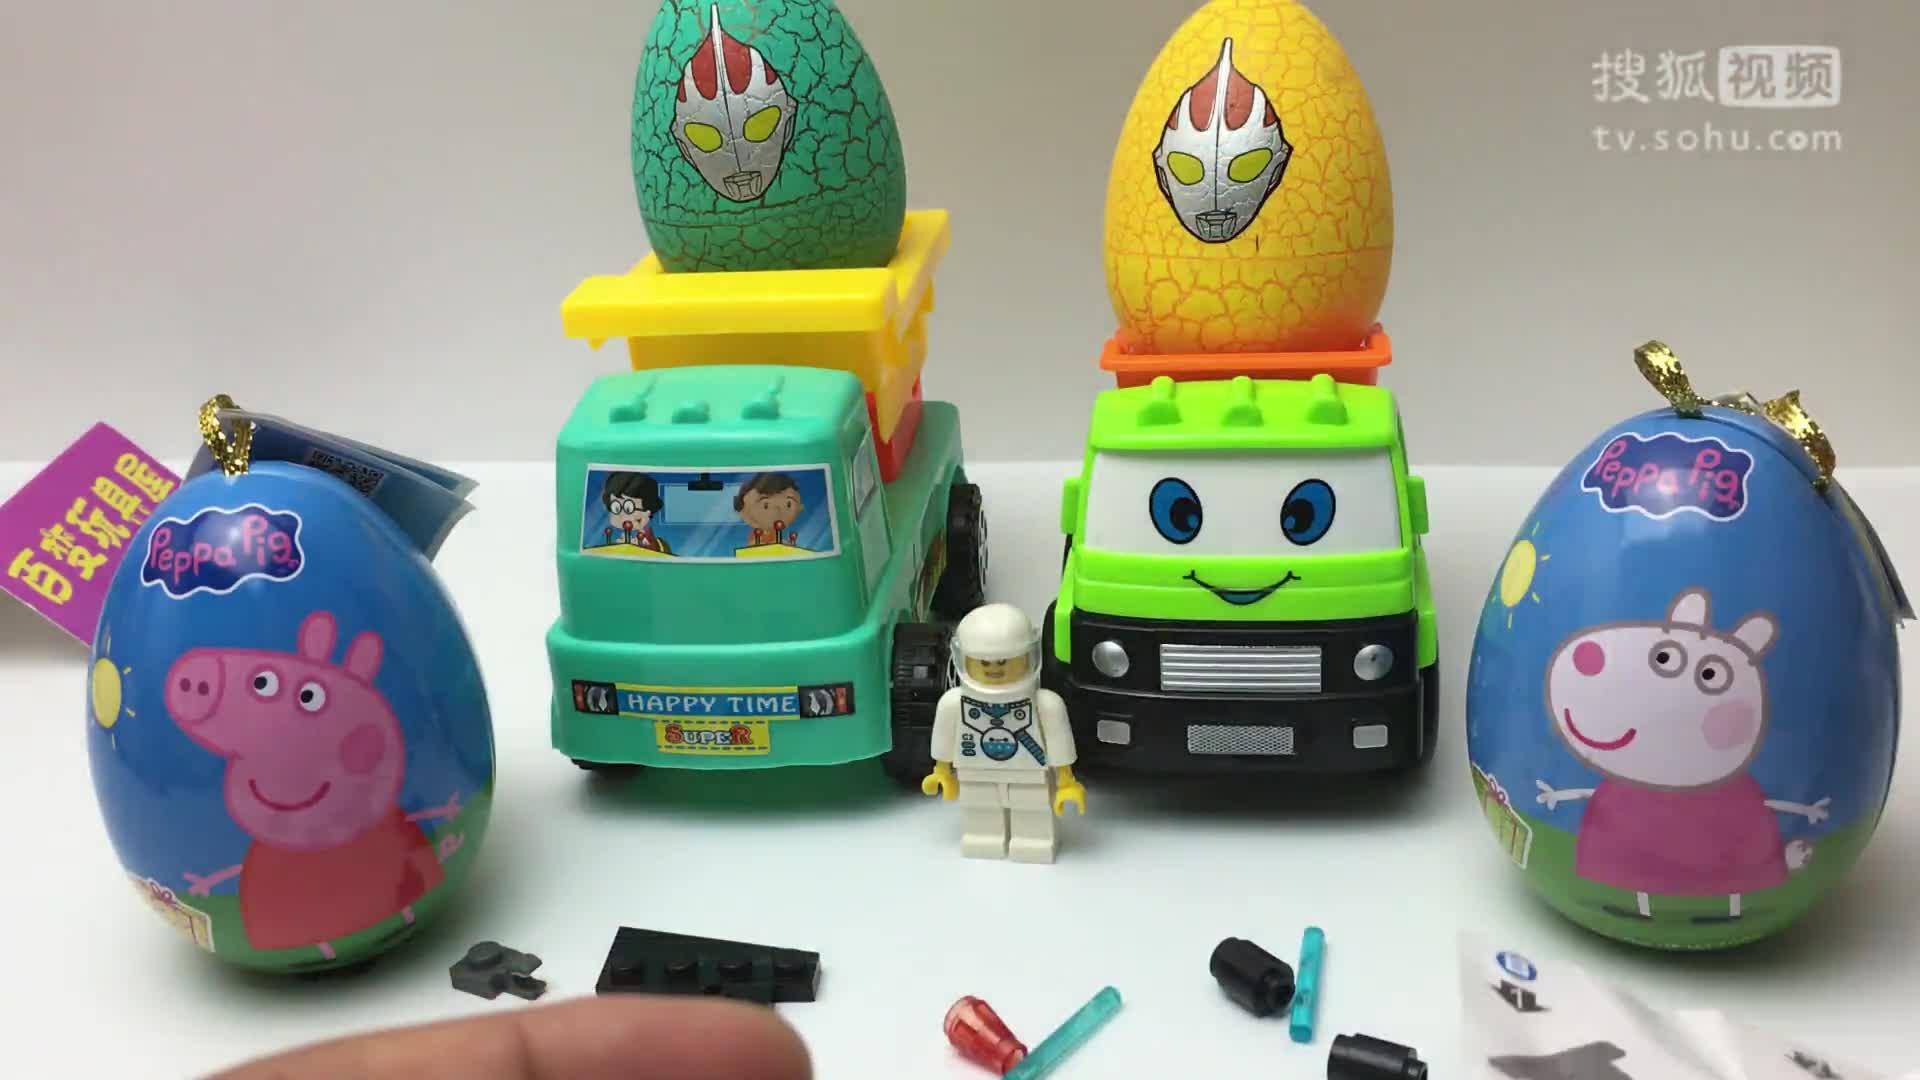 小猪佩奇出奇蛋 我的世界积木拼装 奥特曼奥特蛋 宝宝巴士工程车